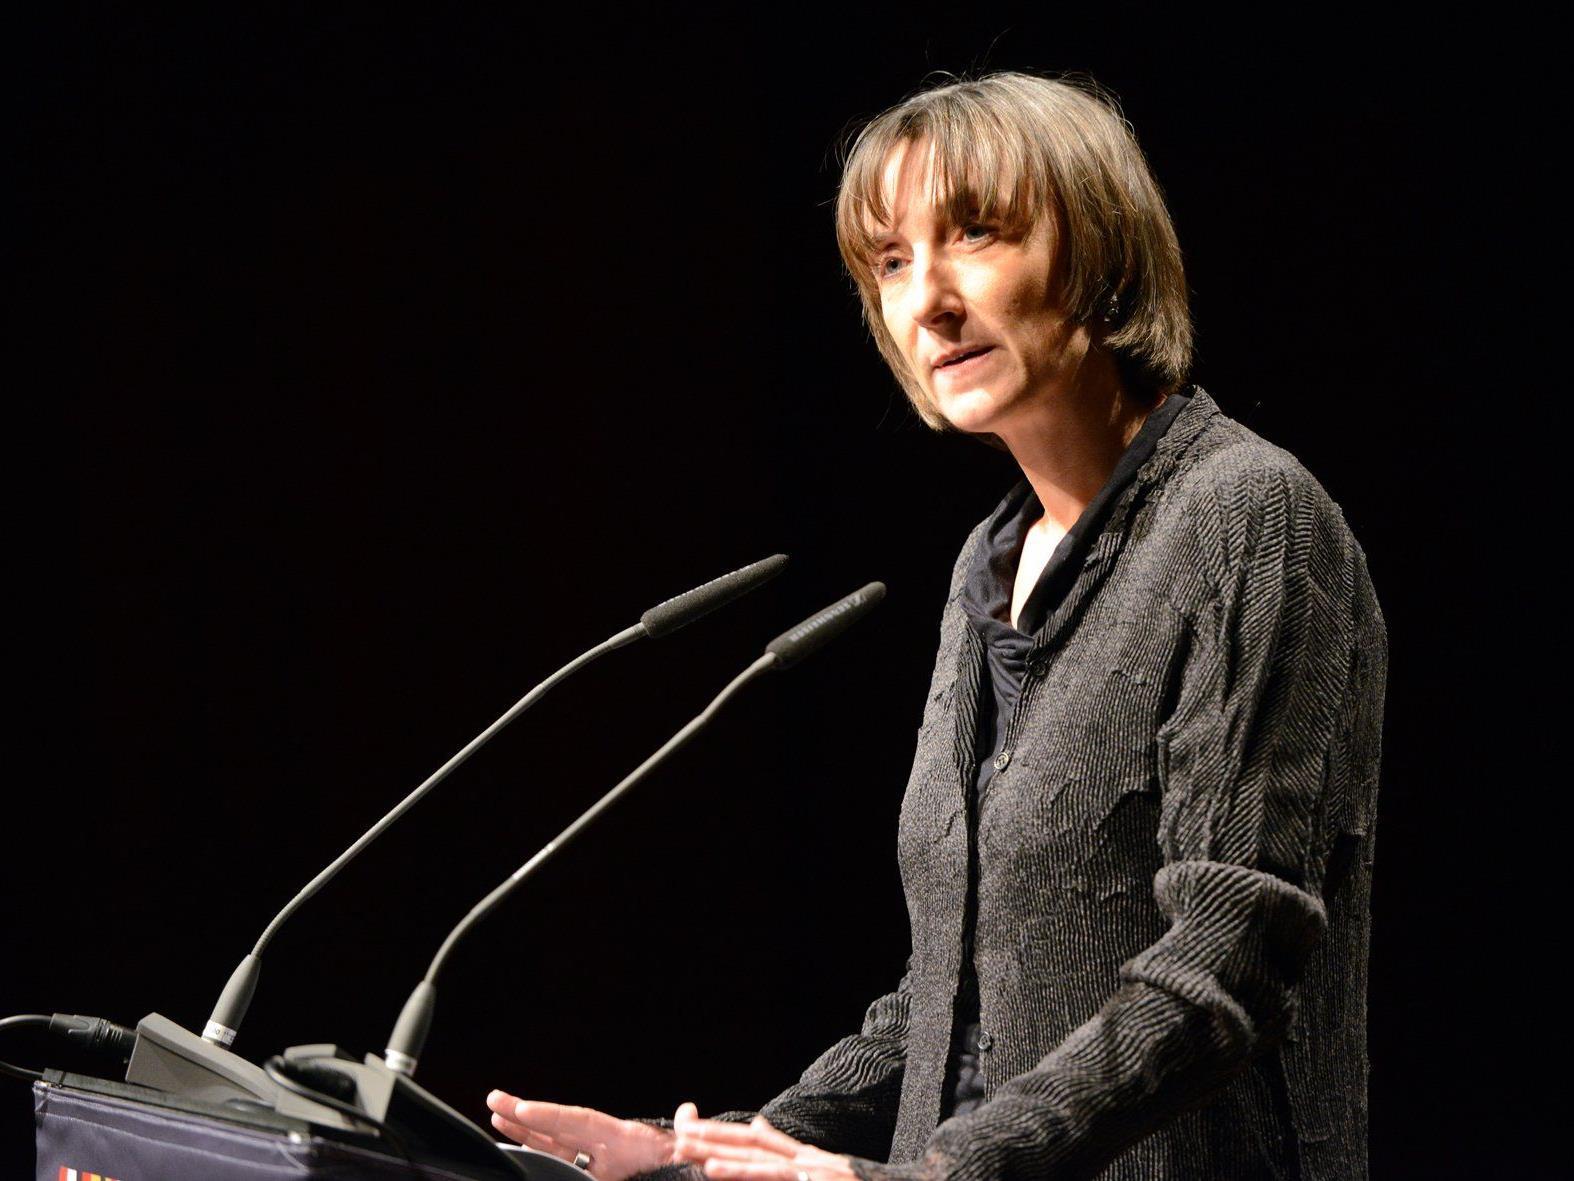 Elisabeth Sobotka, designierte Intendantin der Bregenzer Festspiele ab 2015, will junge Leute ins Boot holen.